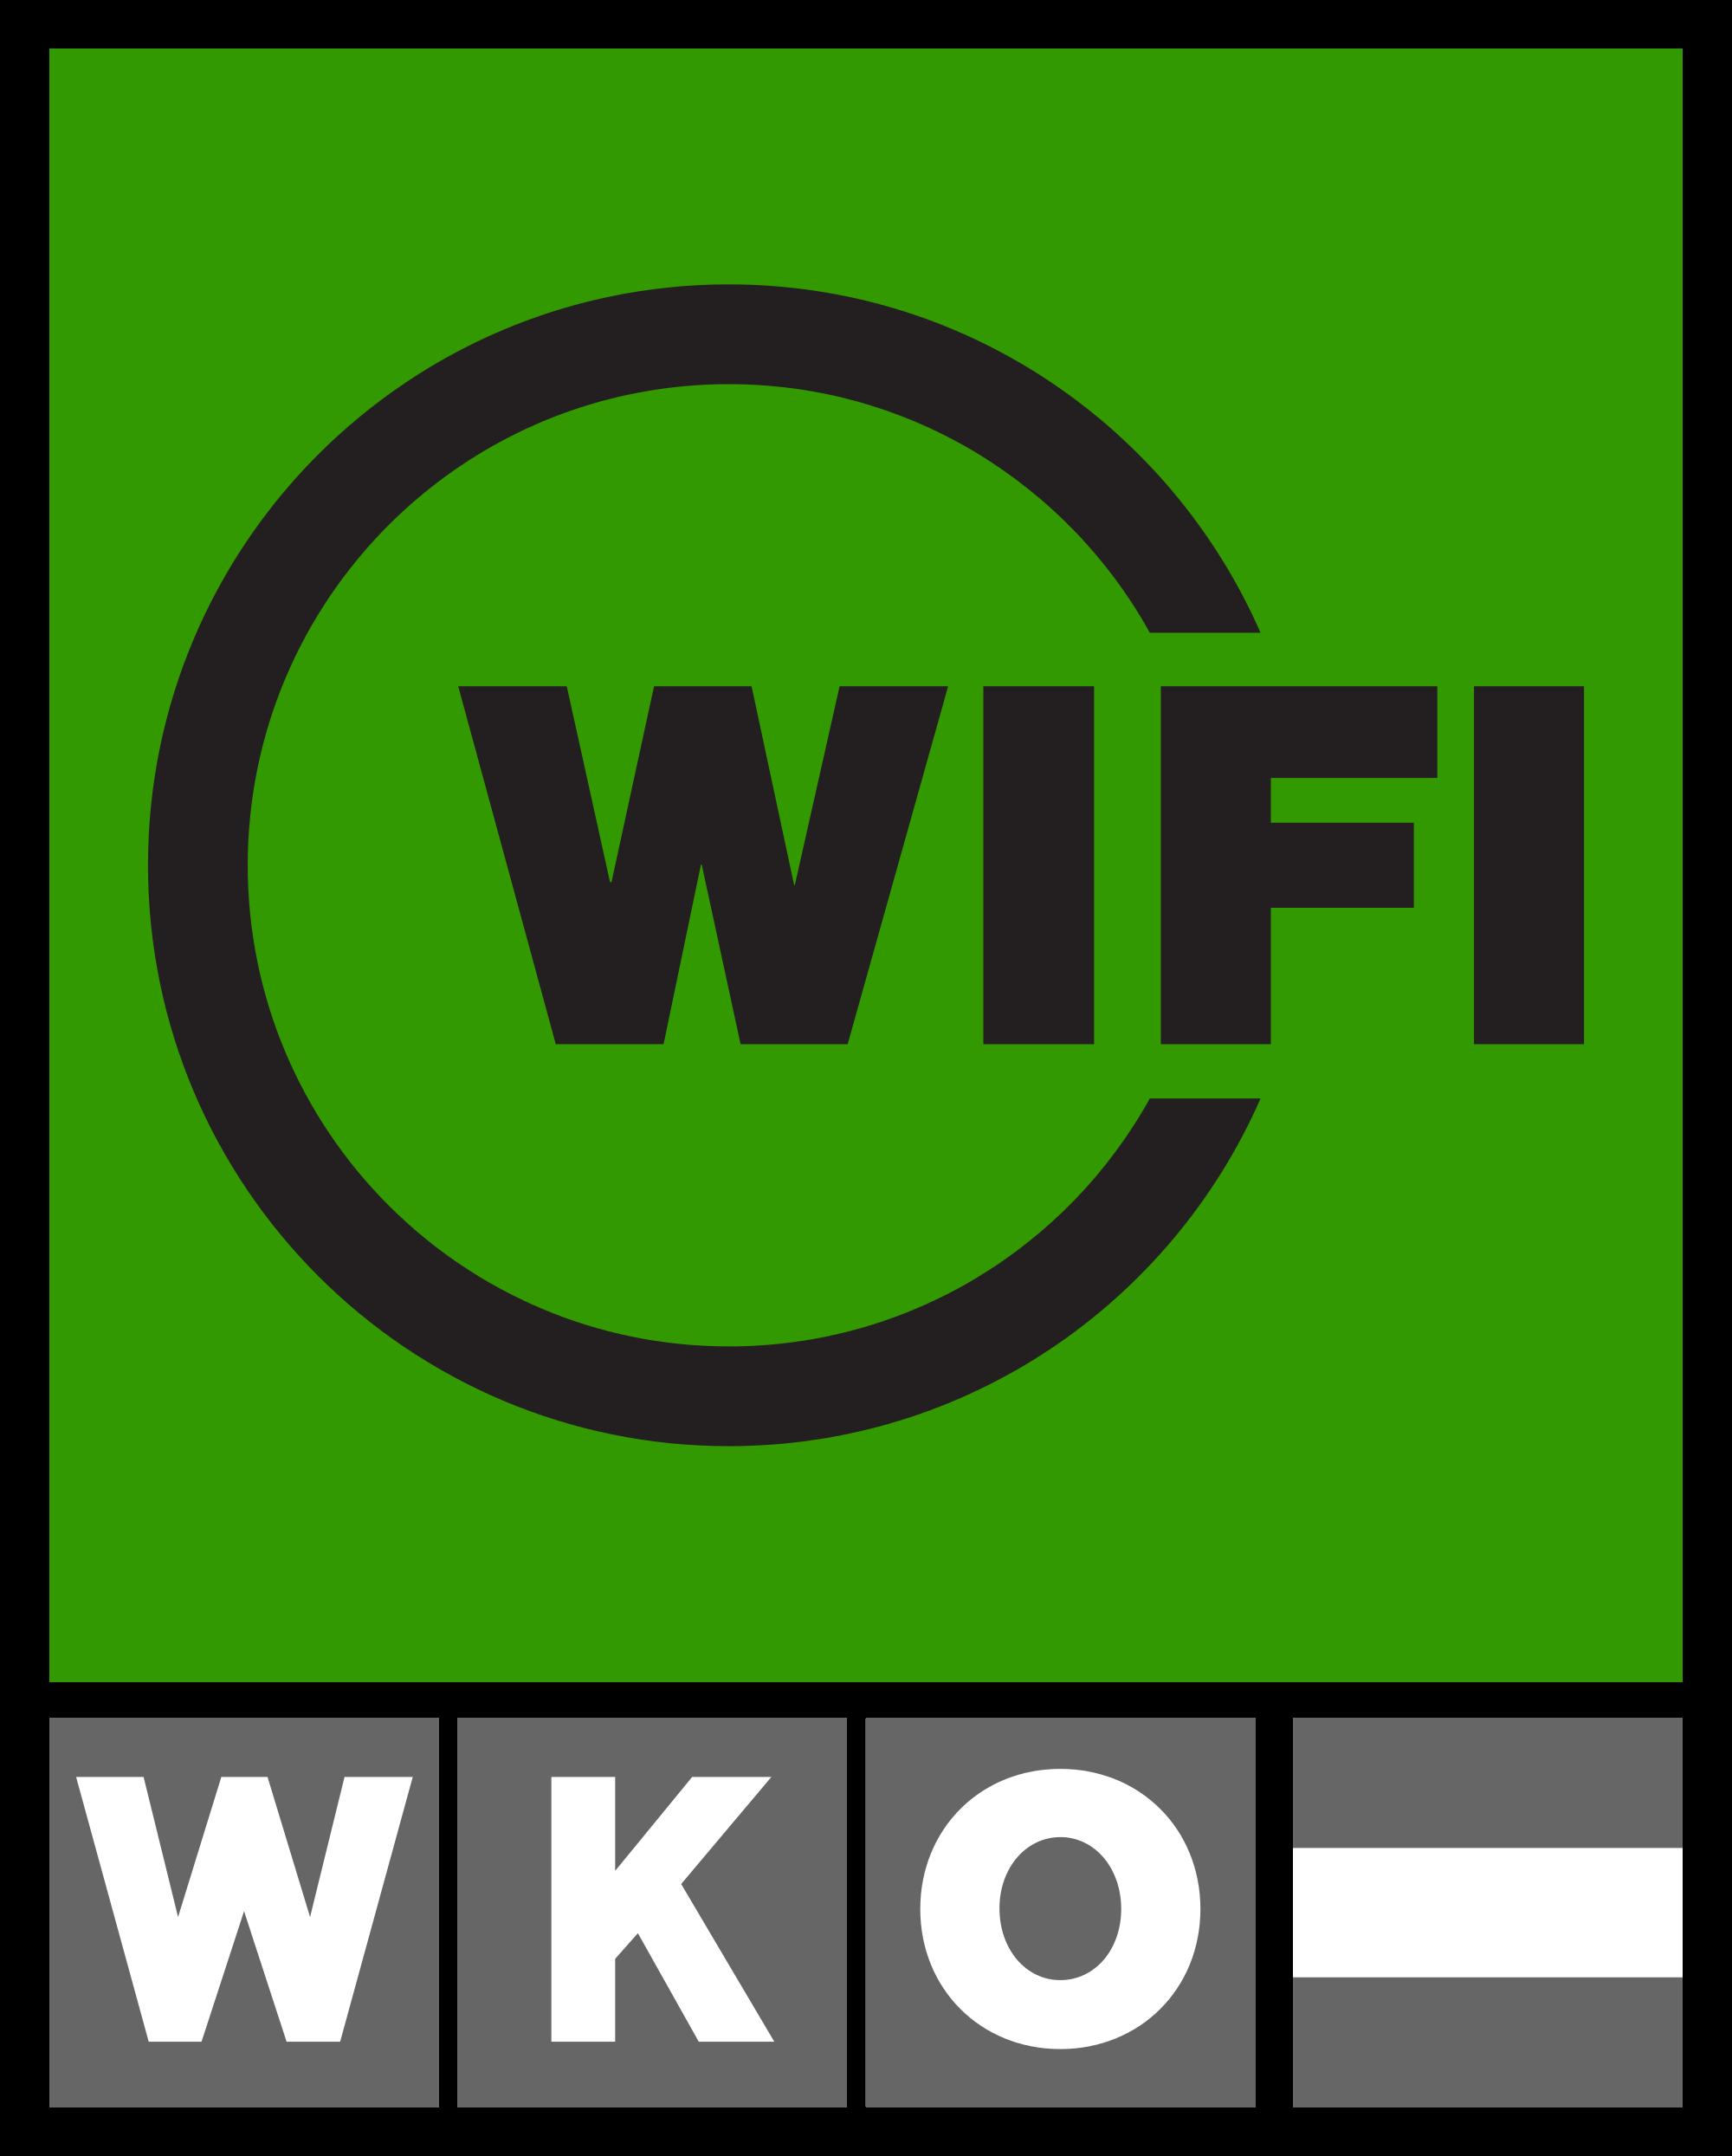 WIFI - Wirtschaftsförderungsinstitut der Wirtschaftskammer Österreich (Austria)